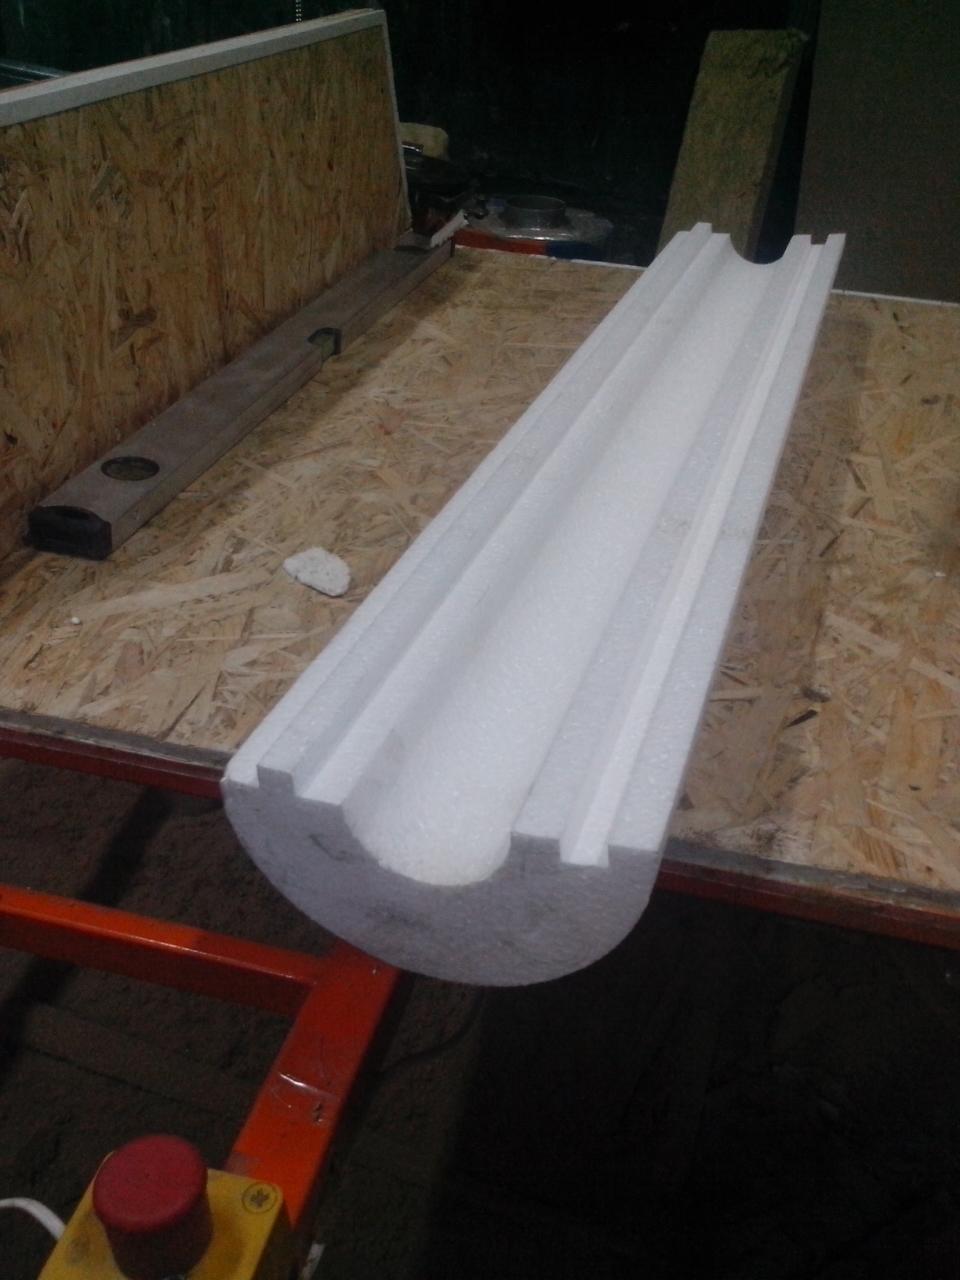 Утеплитель из пенопласта (пенополистирола) для труб Ø 168 мм толщиной 80 мм